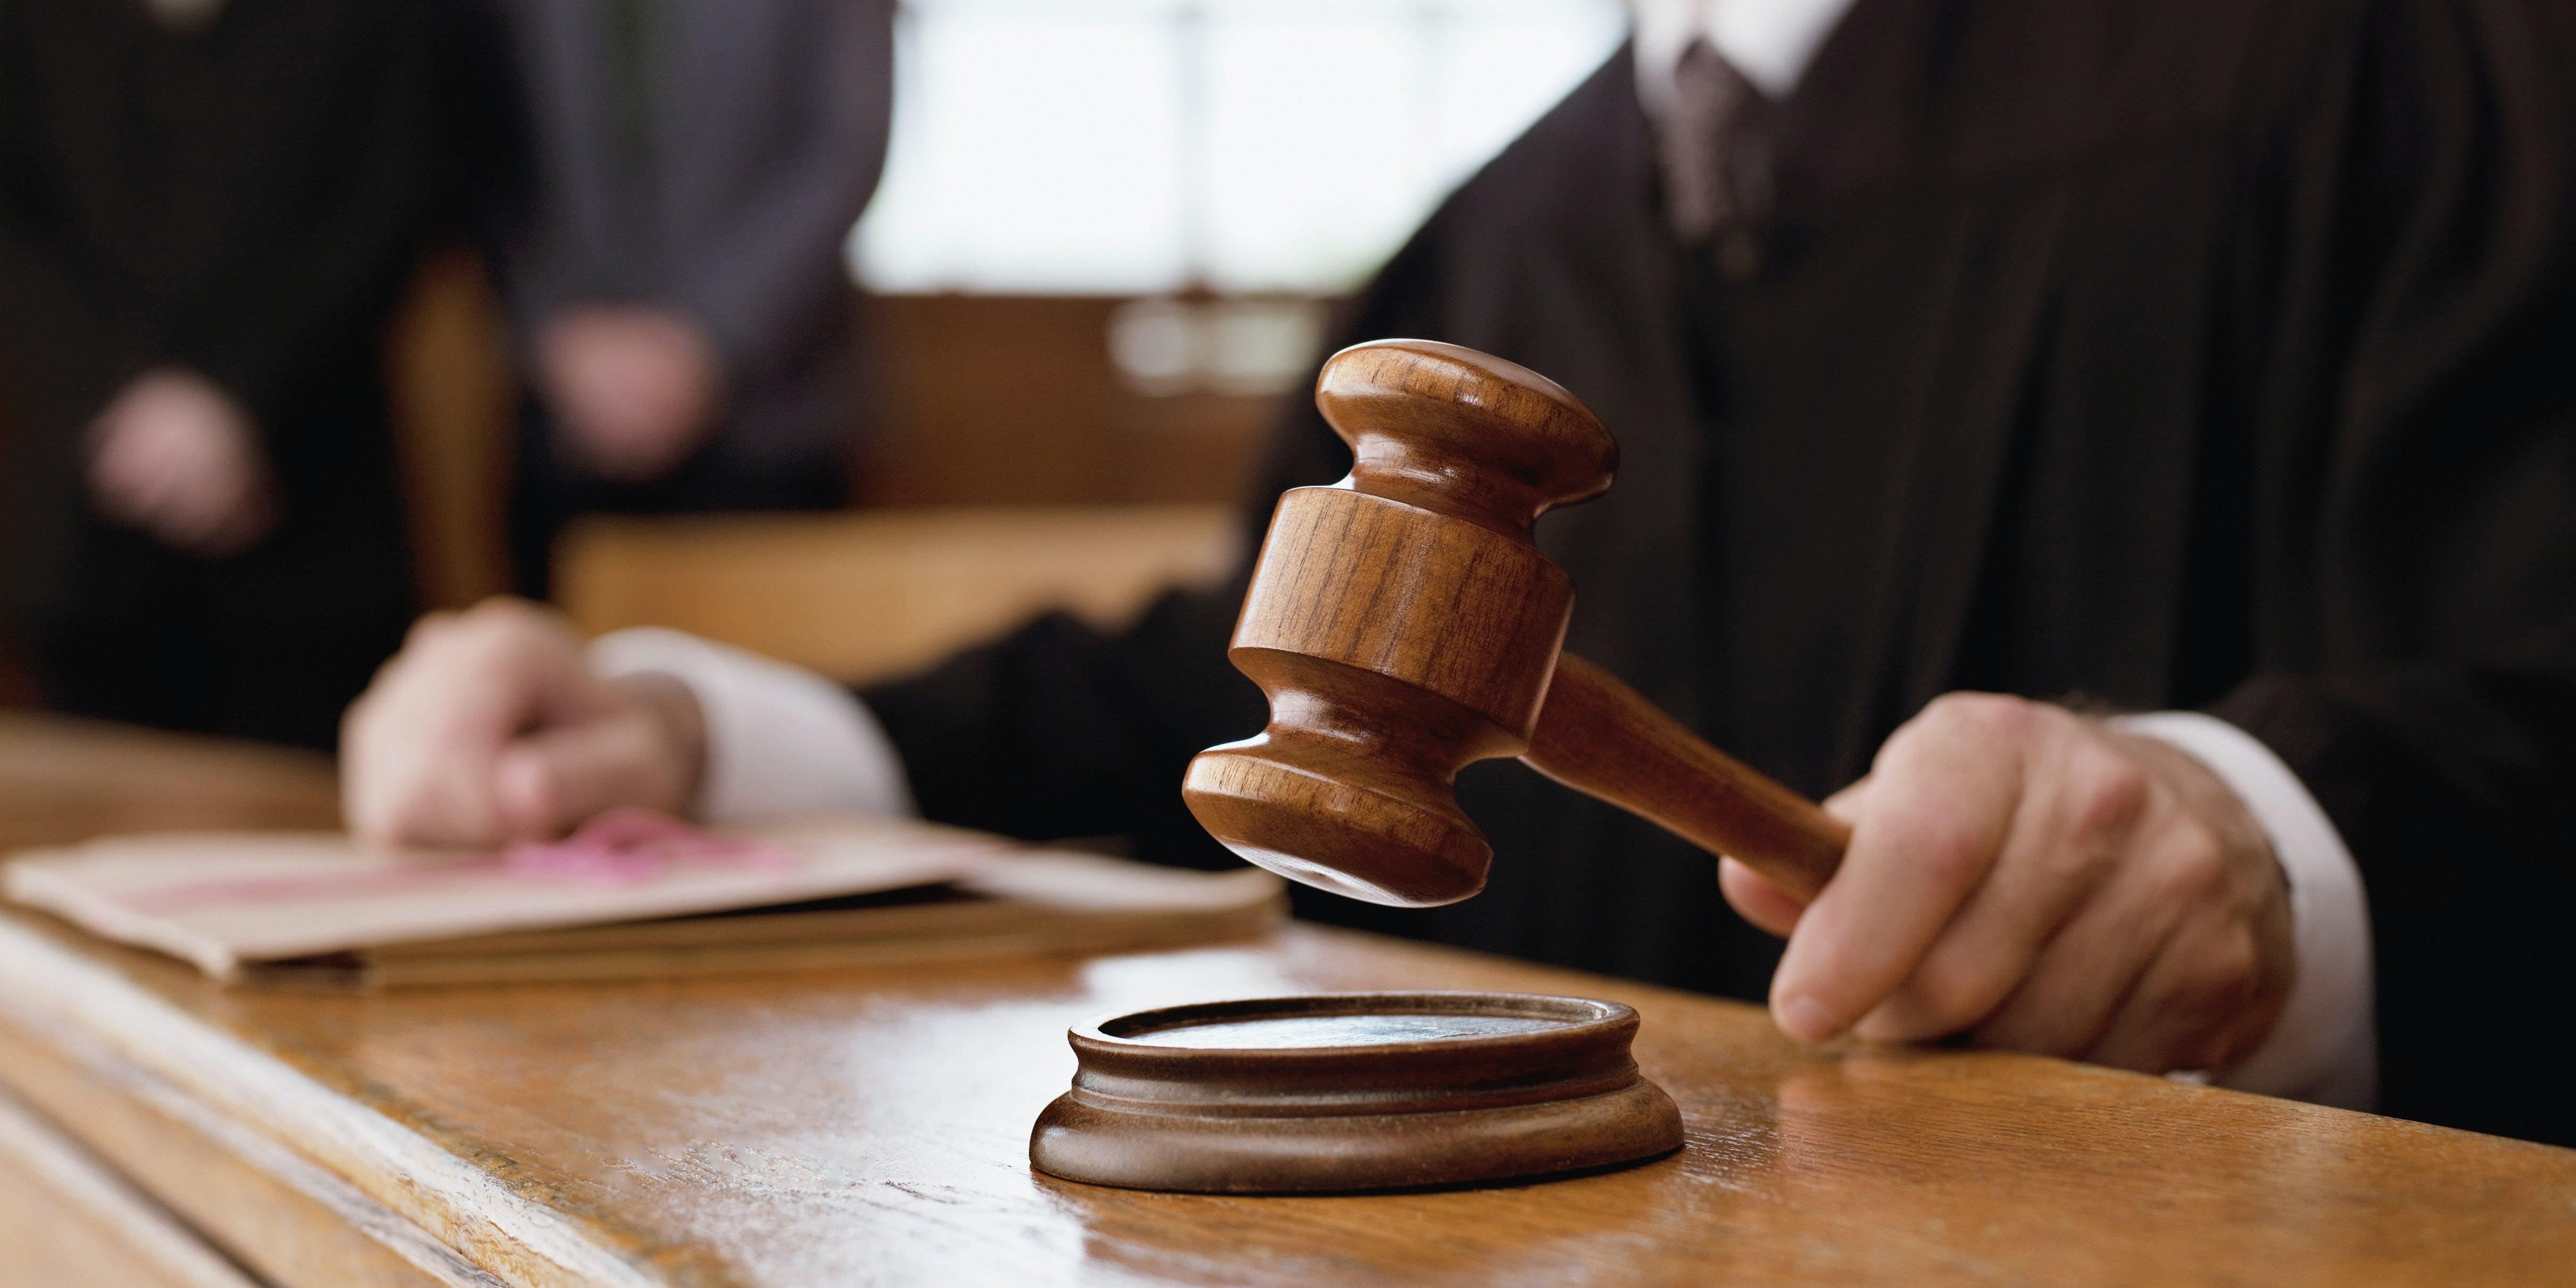 judge lawsuit gg strains gorilla glue legal marijuana